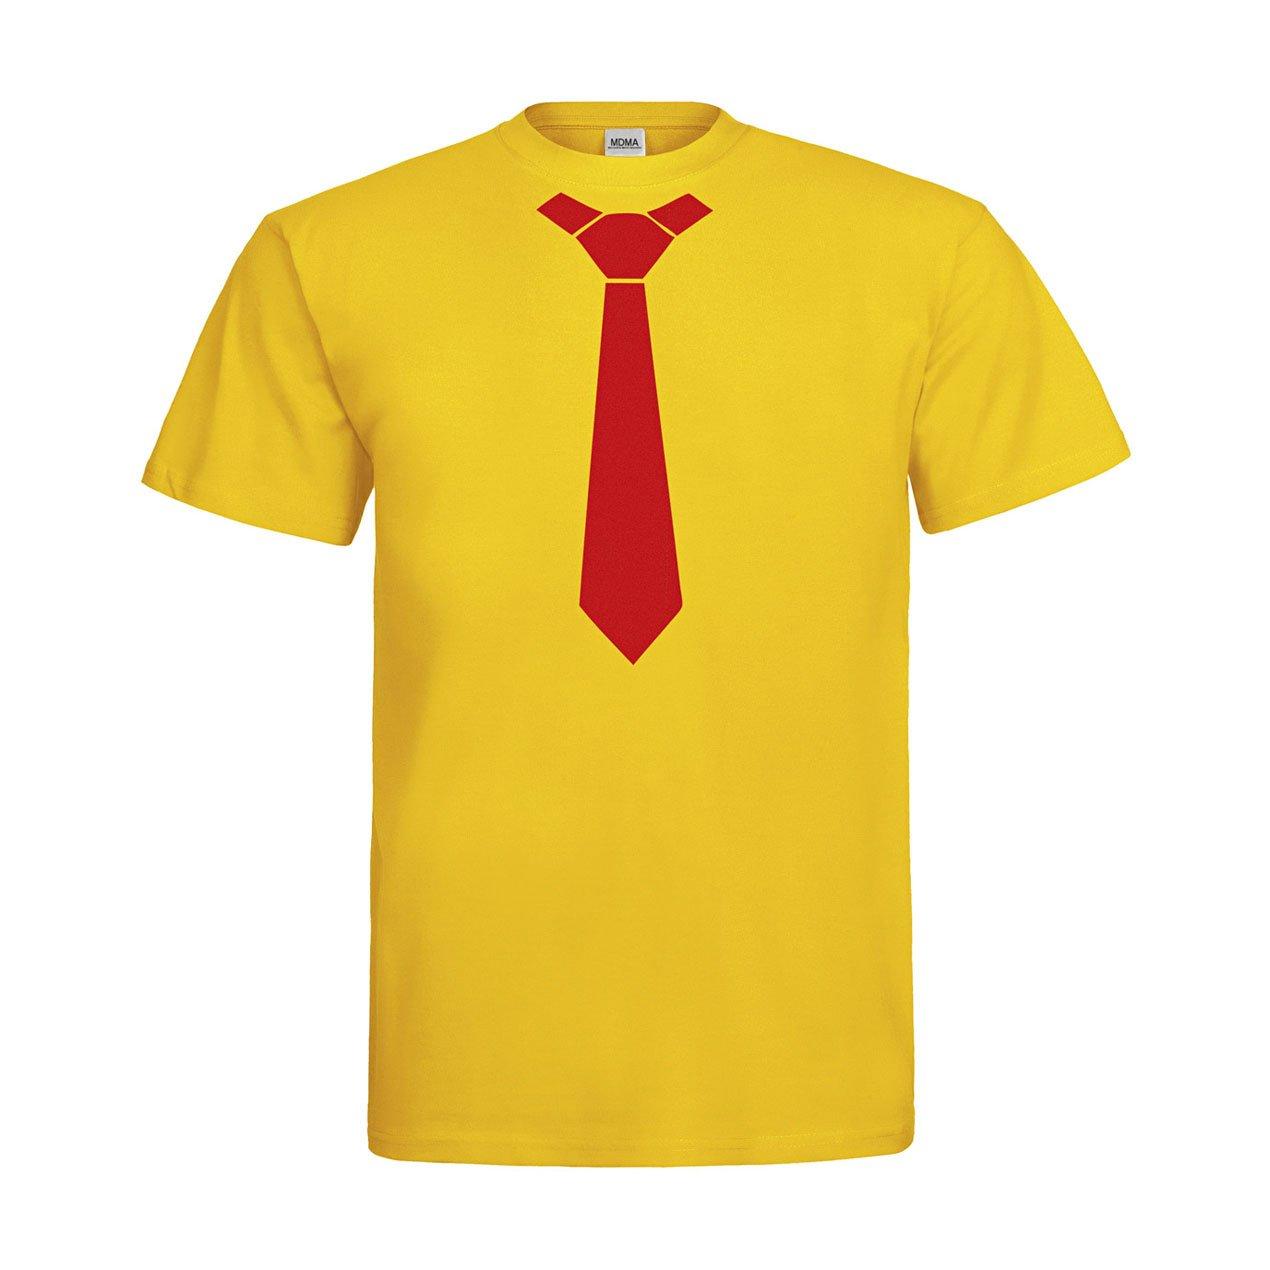 mdma Camiseta de corbata corbata Tie N14 de mdma de t00355 Verde ...